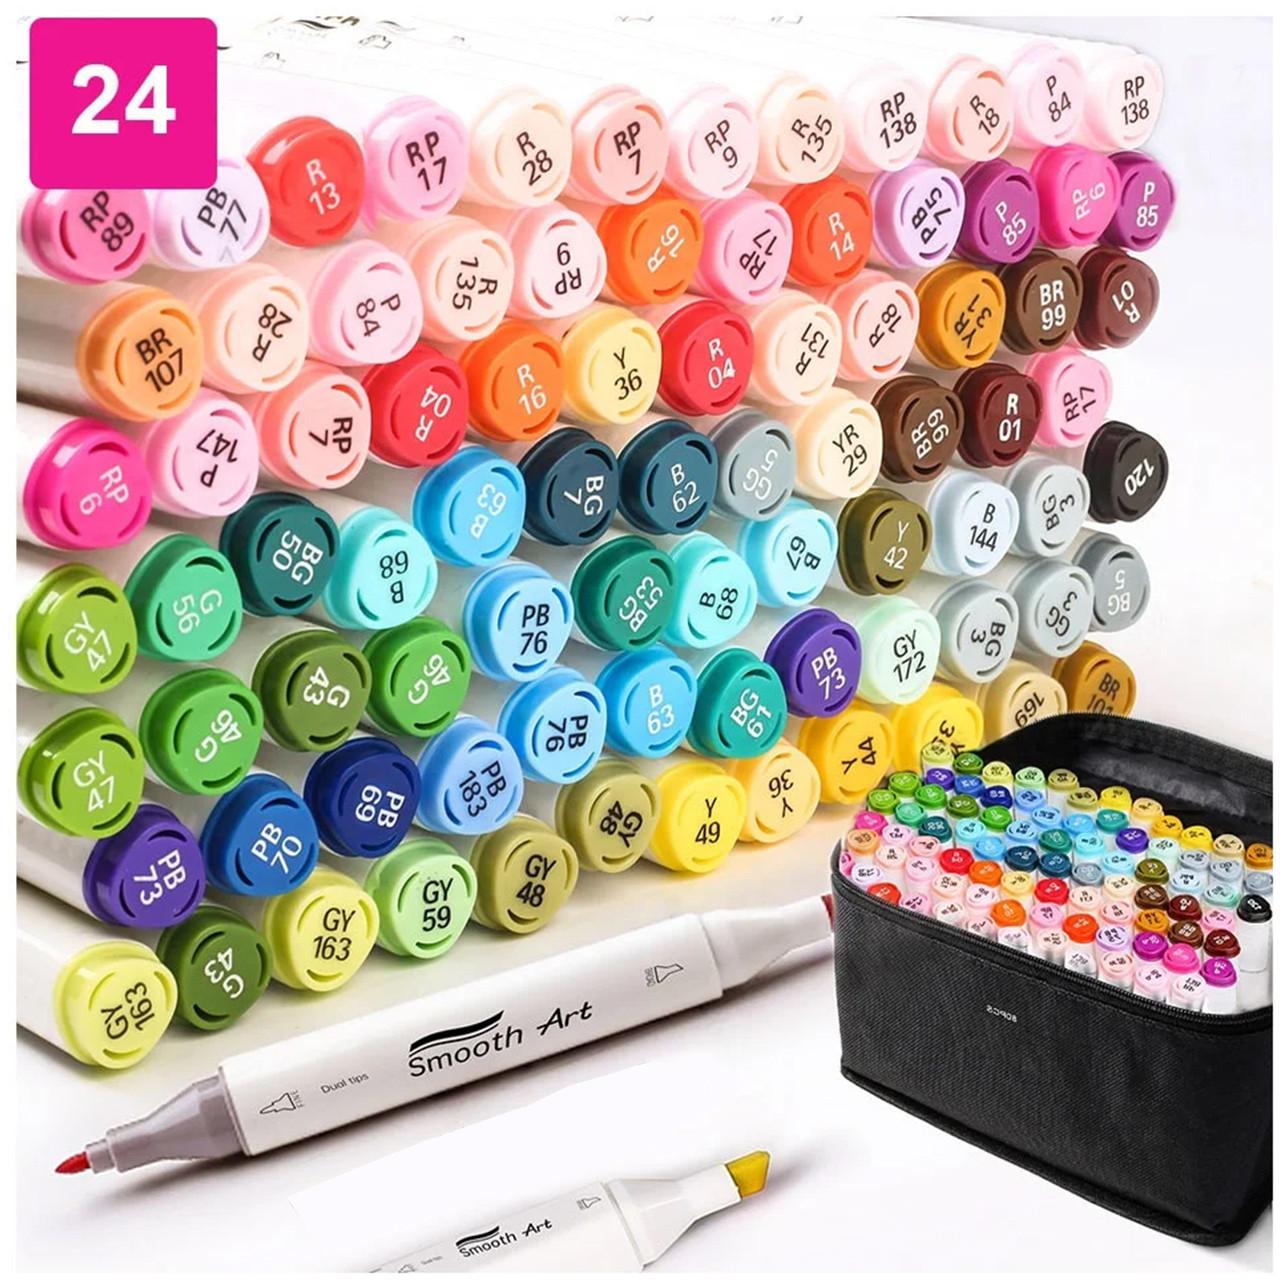 Художні маркери для скетчинга для початківців, Набір двосторонніх маркерів Touch Multiicolor 24 штук